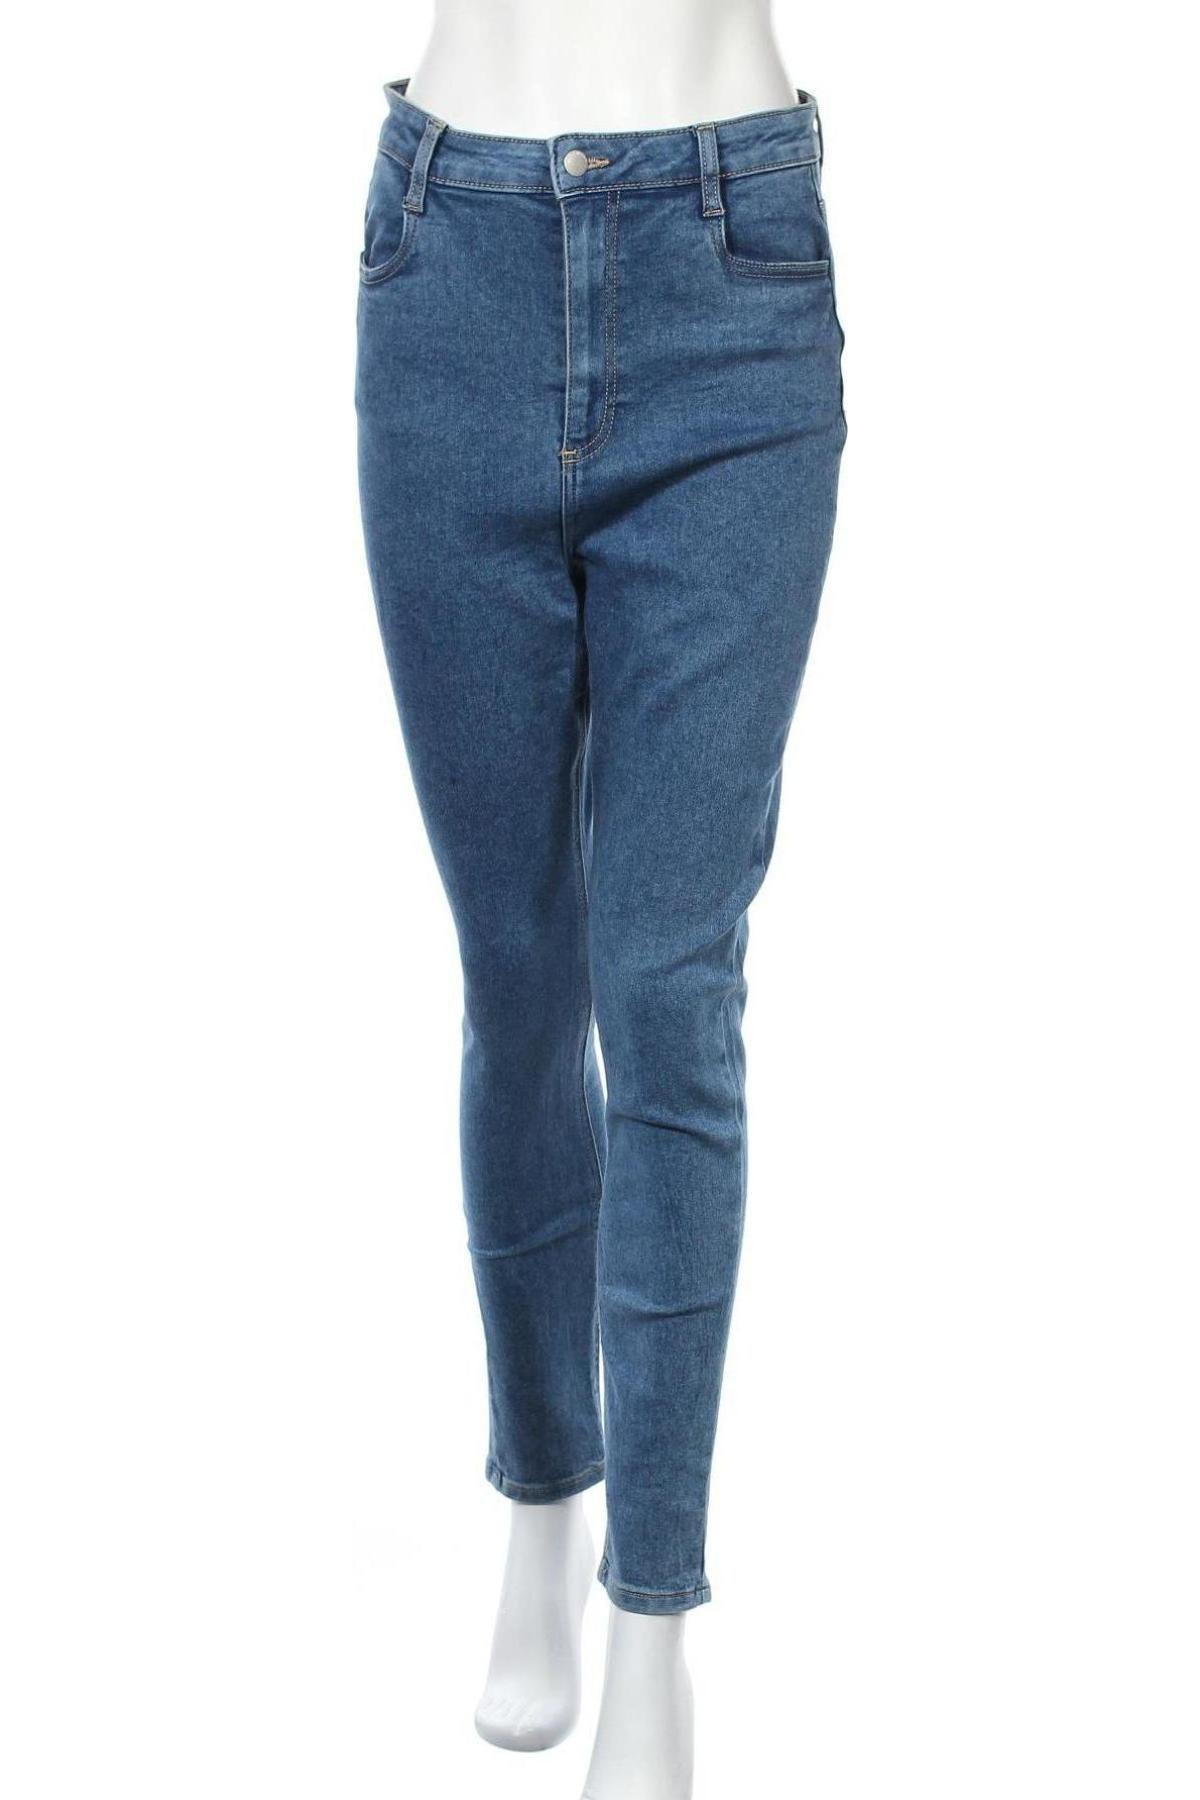 Дамски дънки Cotton On, Размер L, Цвят Син, 72% памук, 26% полиестер, 2% еластан, Цена 27,56лв.